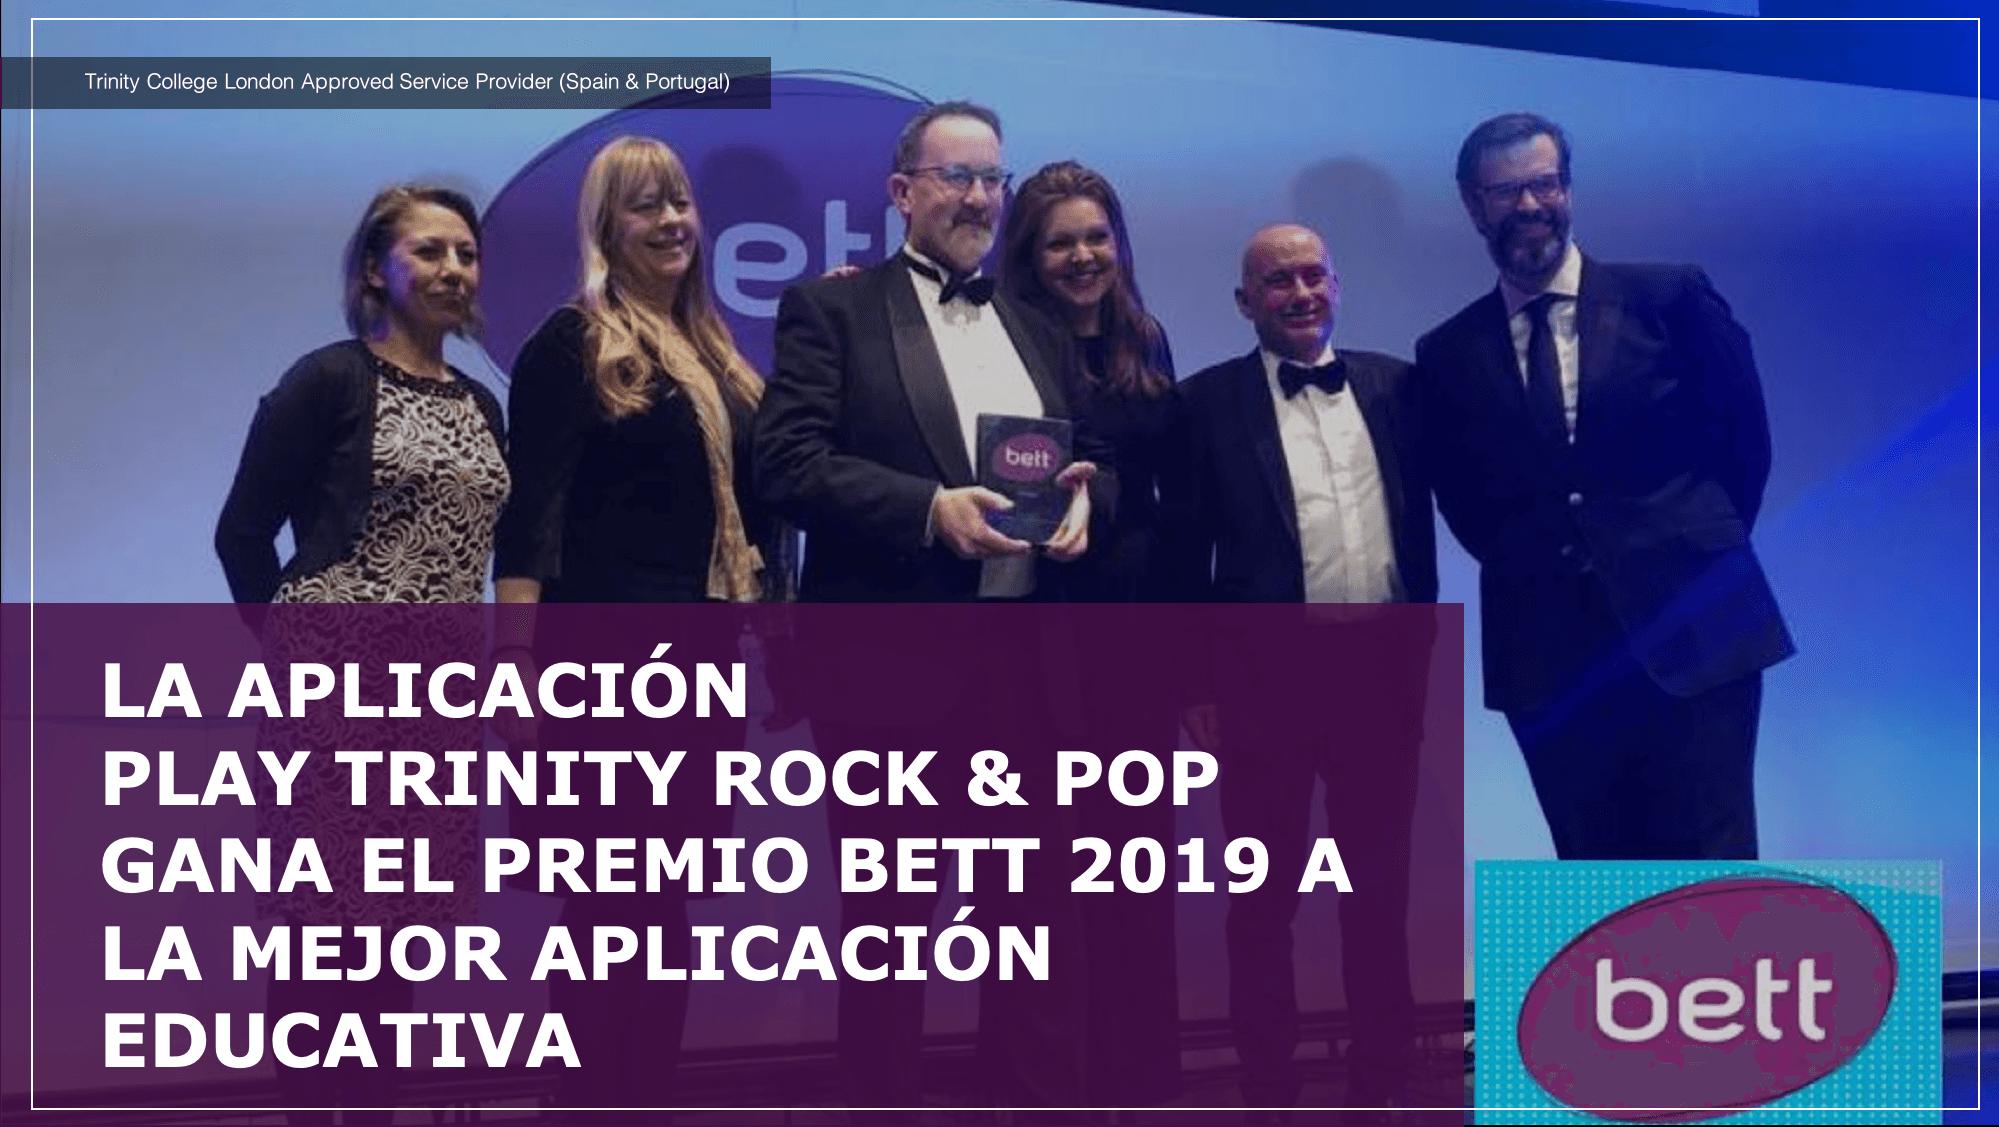 48-Premio-BETT-2019-APP-Trinity-College-London-compressor